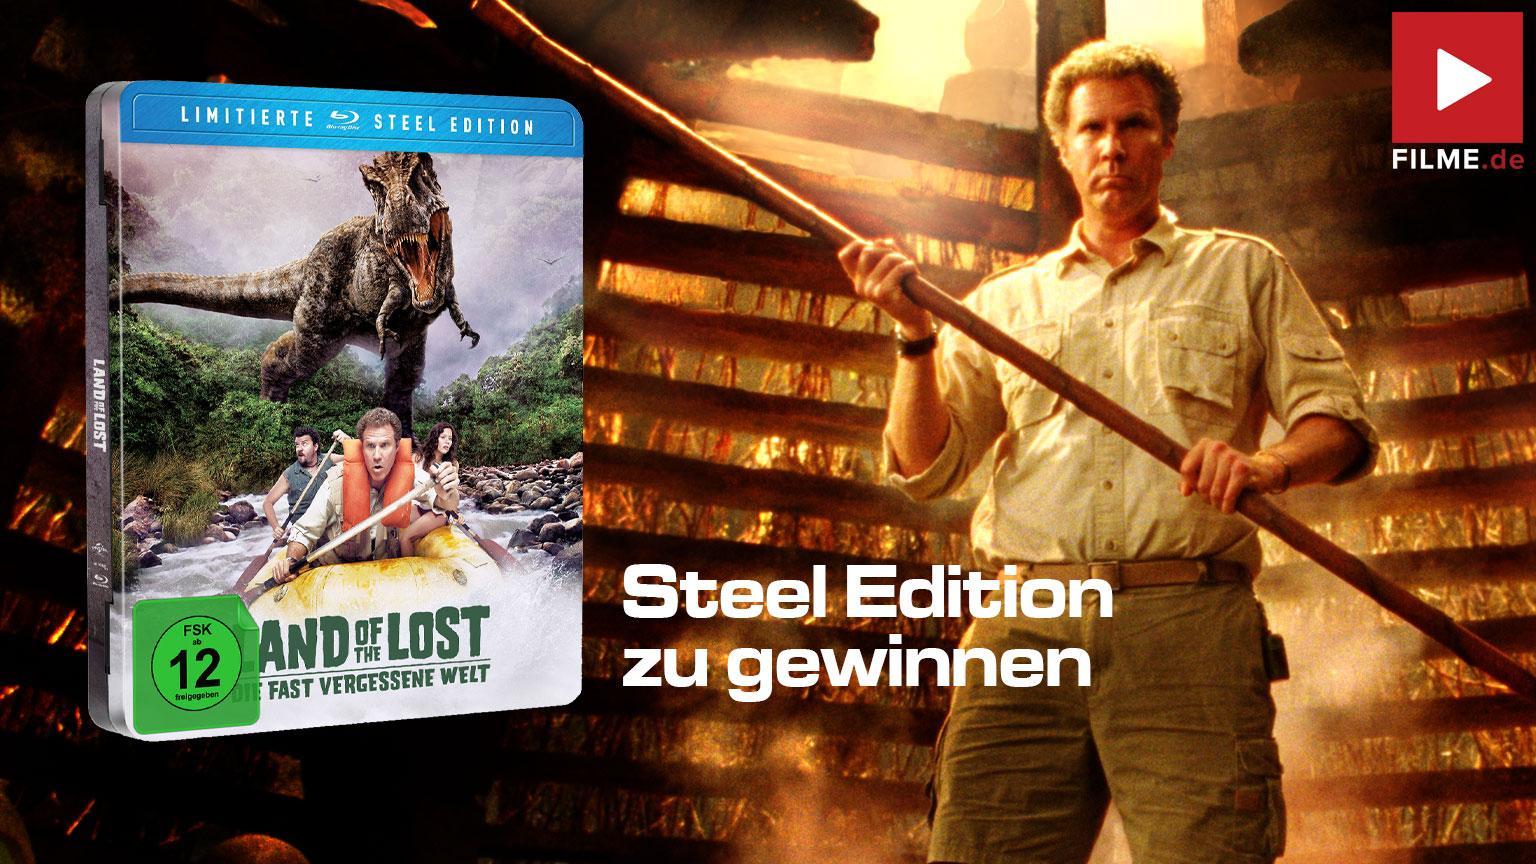 Die fast vergessene Welt Limited Steel Edition Future Pak Gewinnspiel Artikelbild shop kaufen